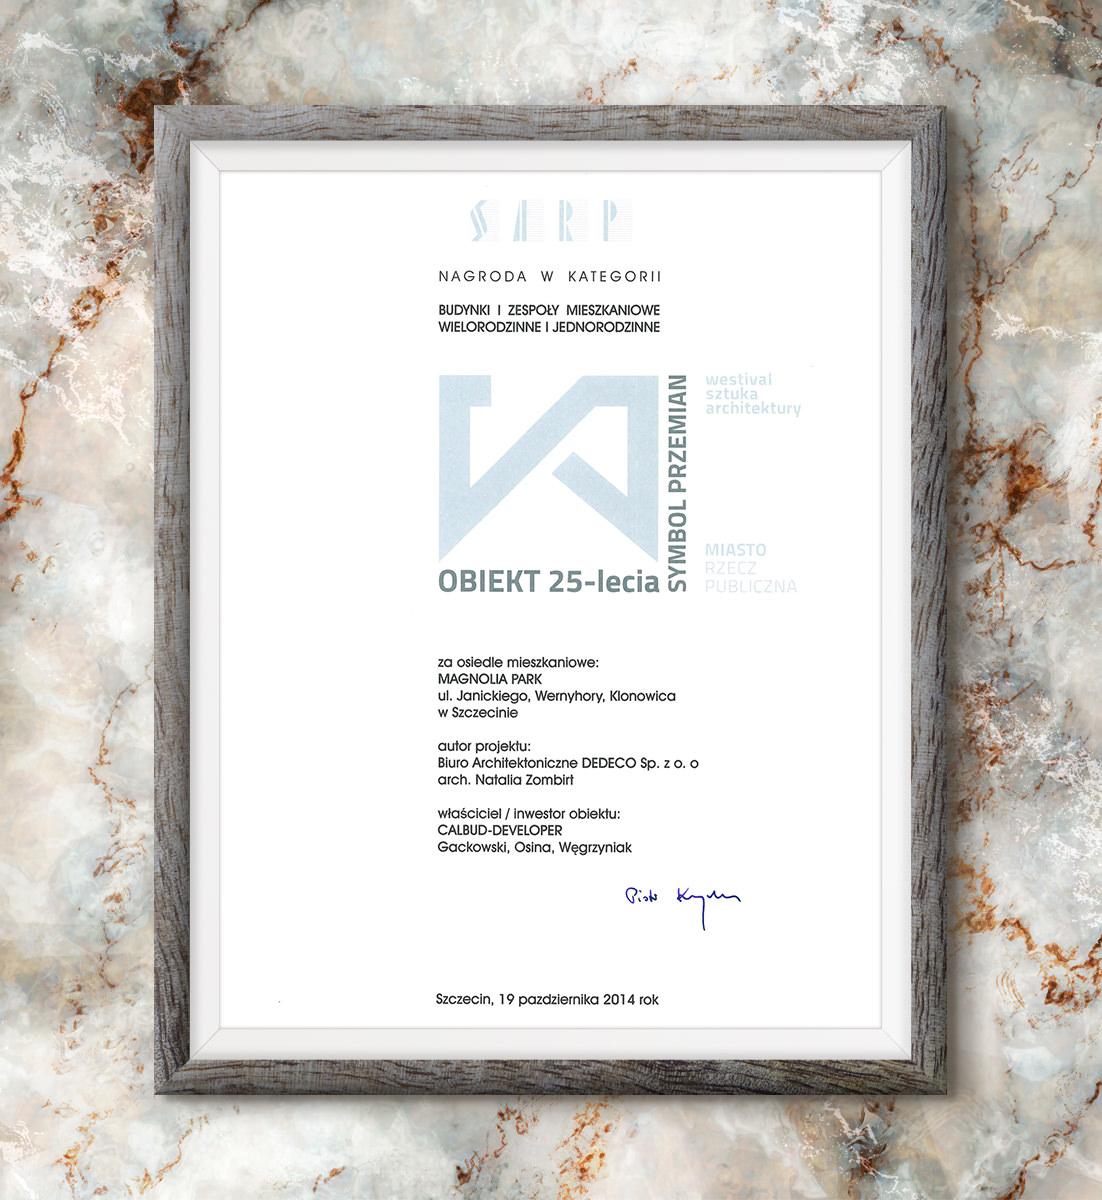 Obiekt 25-lecia - nagroda za Osiedle Mieszkaniowe